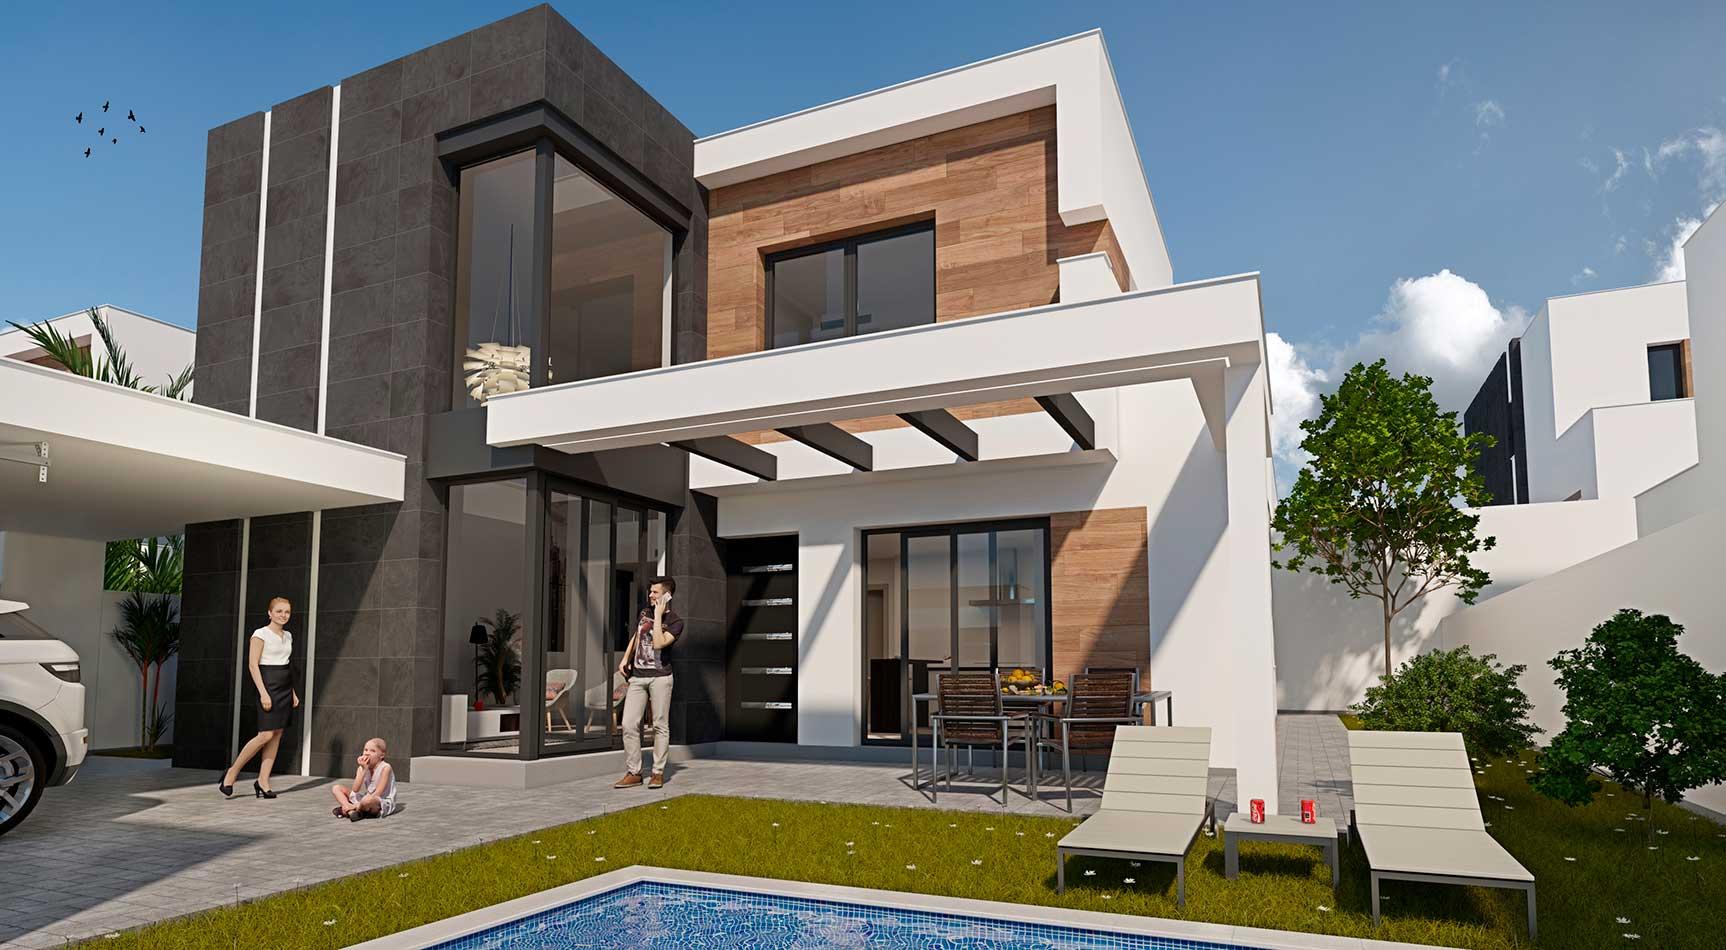 Casa diseño moderno Murcia